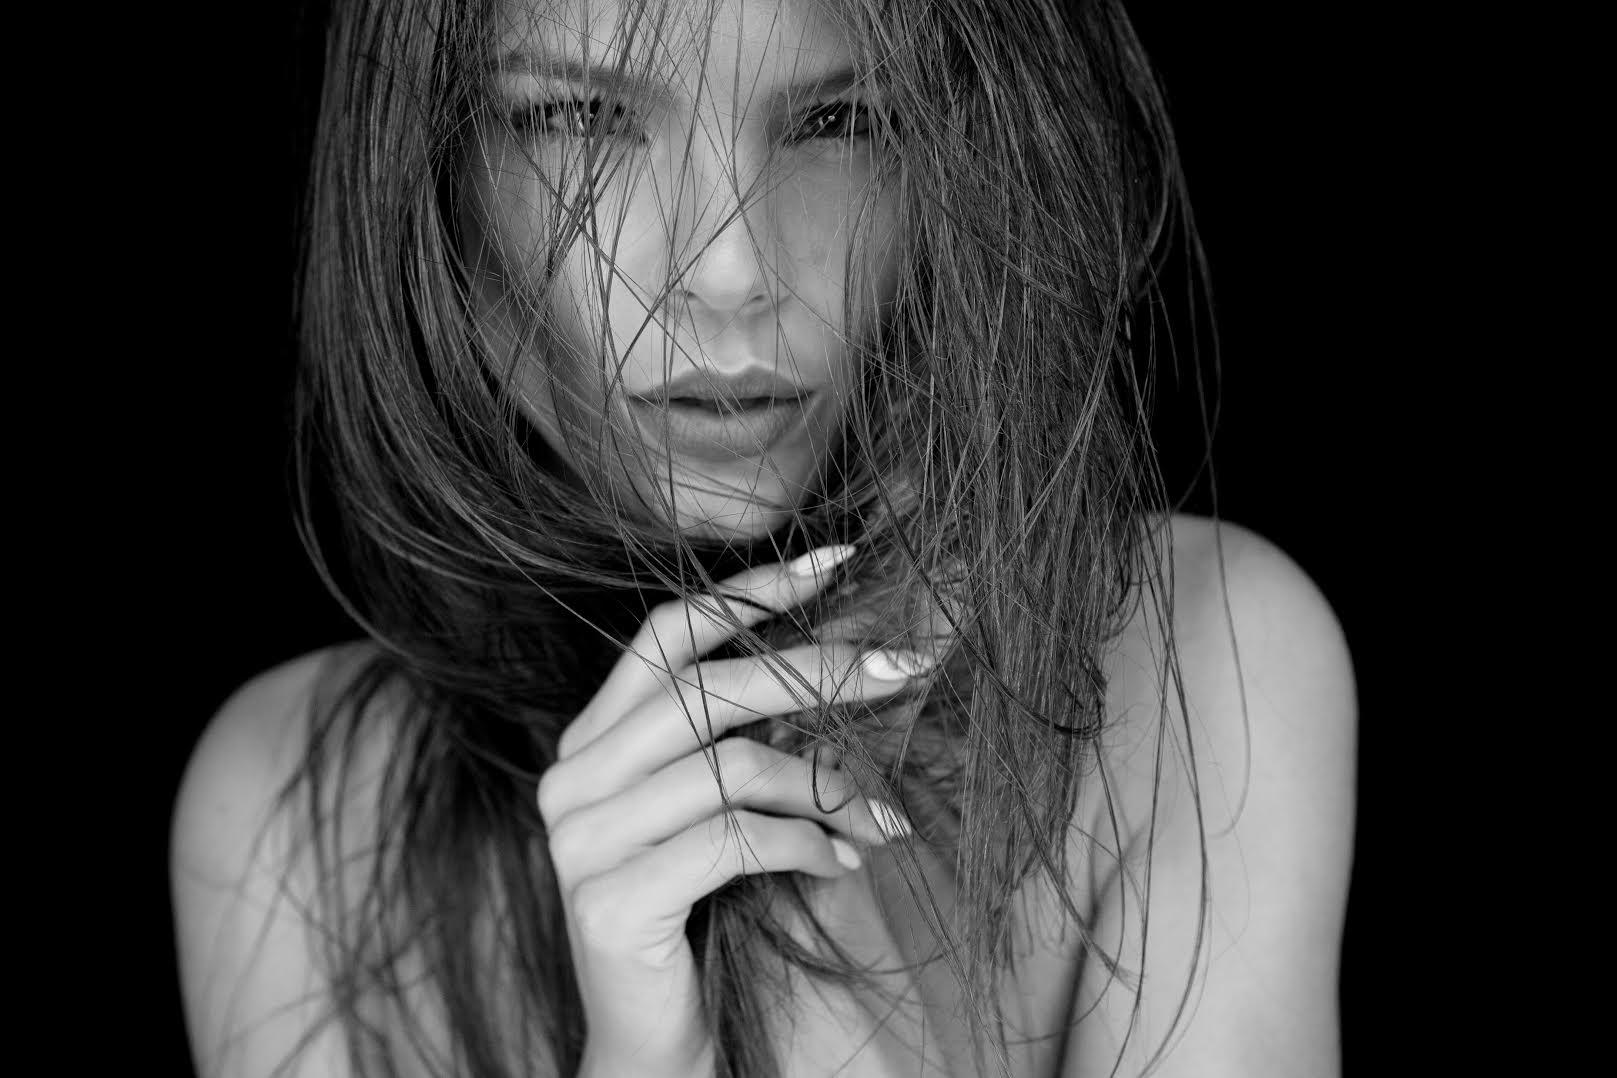 Natalile Jean white